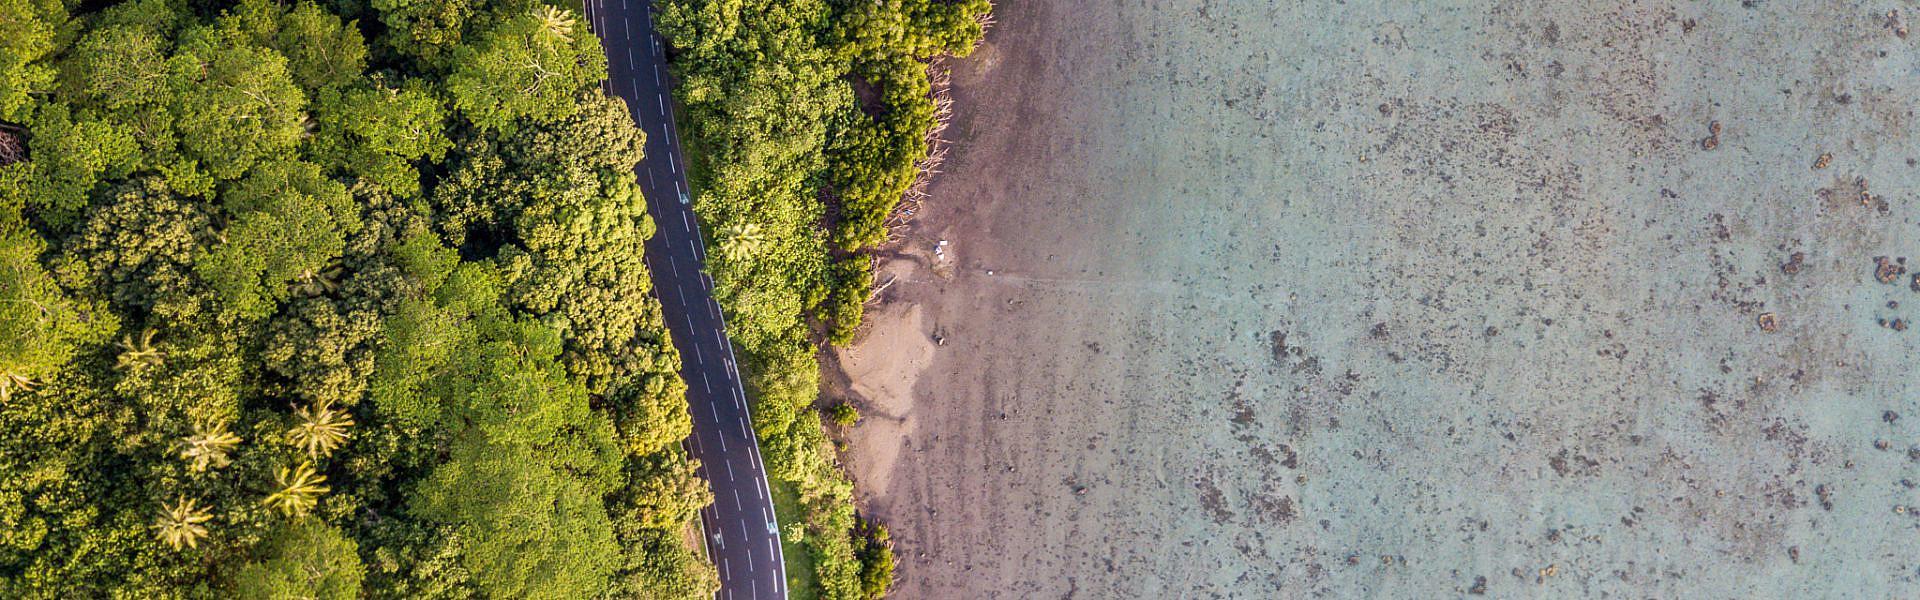 DJI Mavic, Drone, Tropics, Ocean